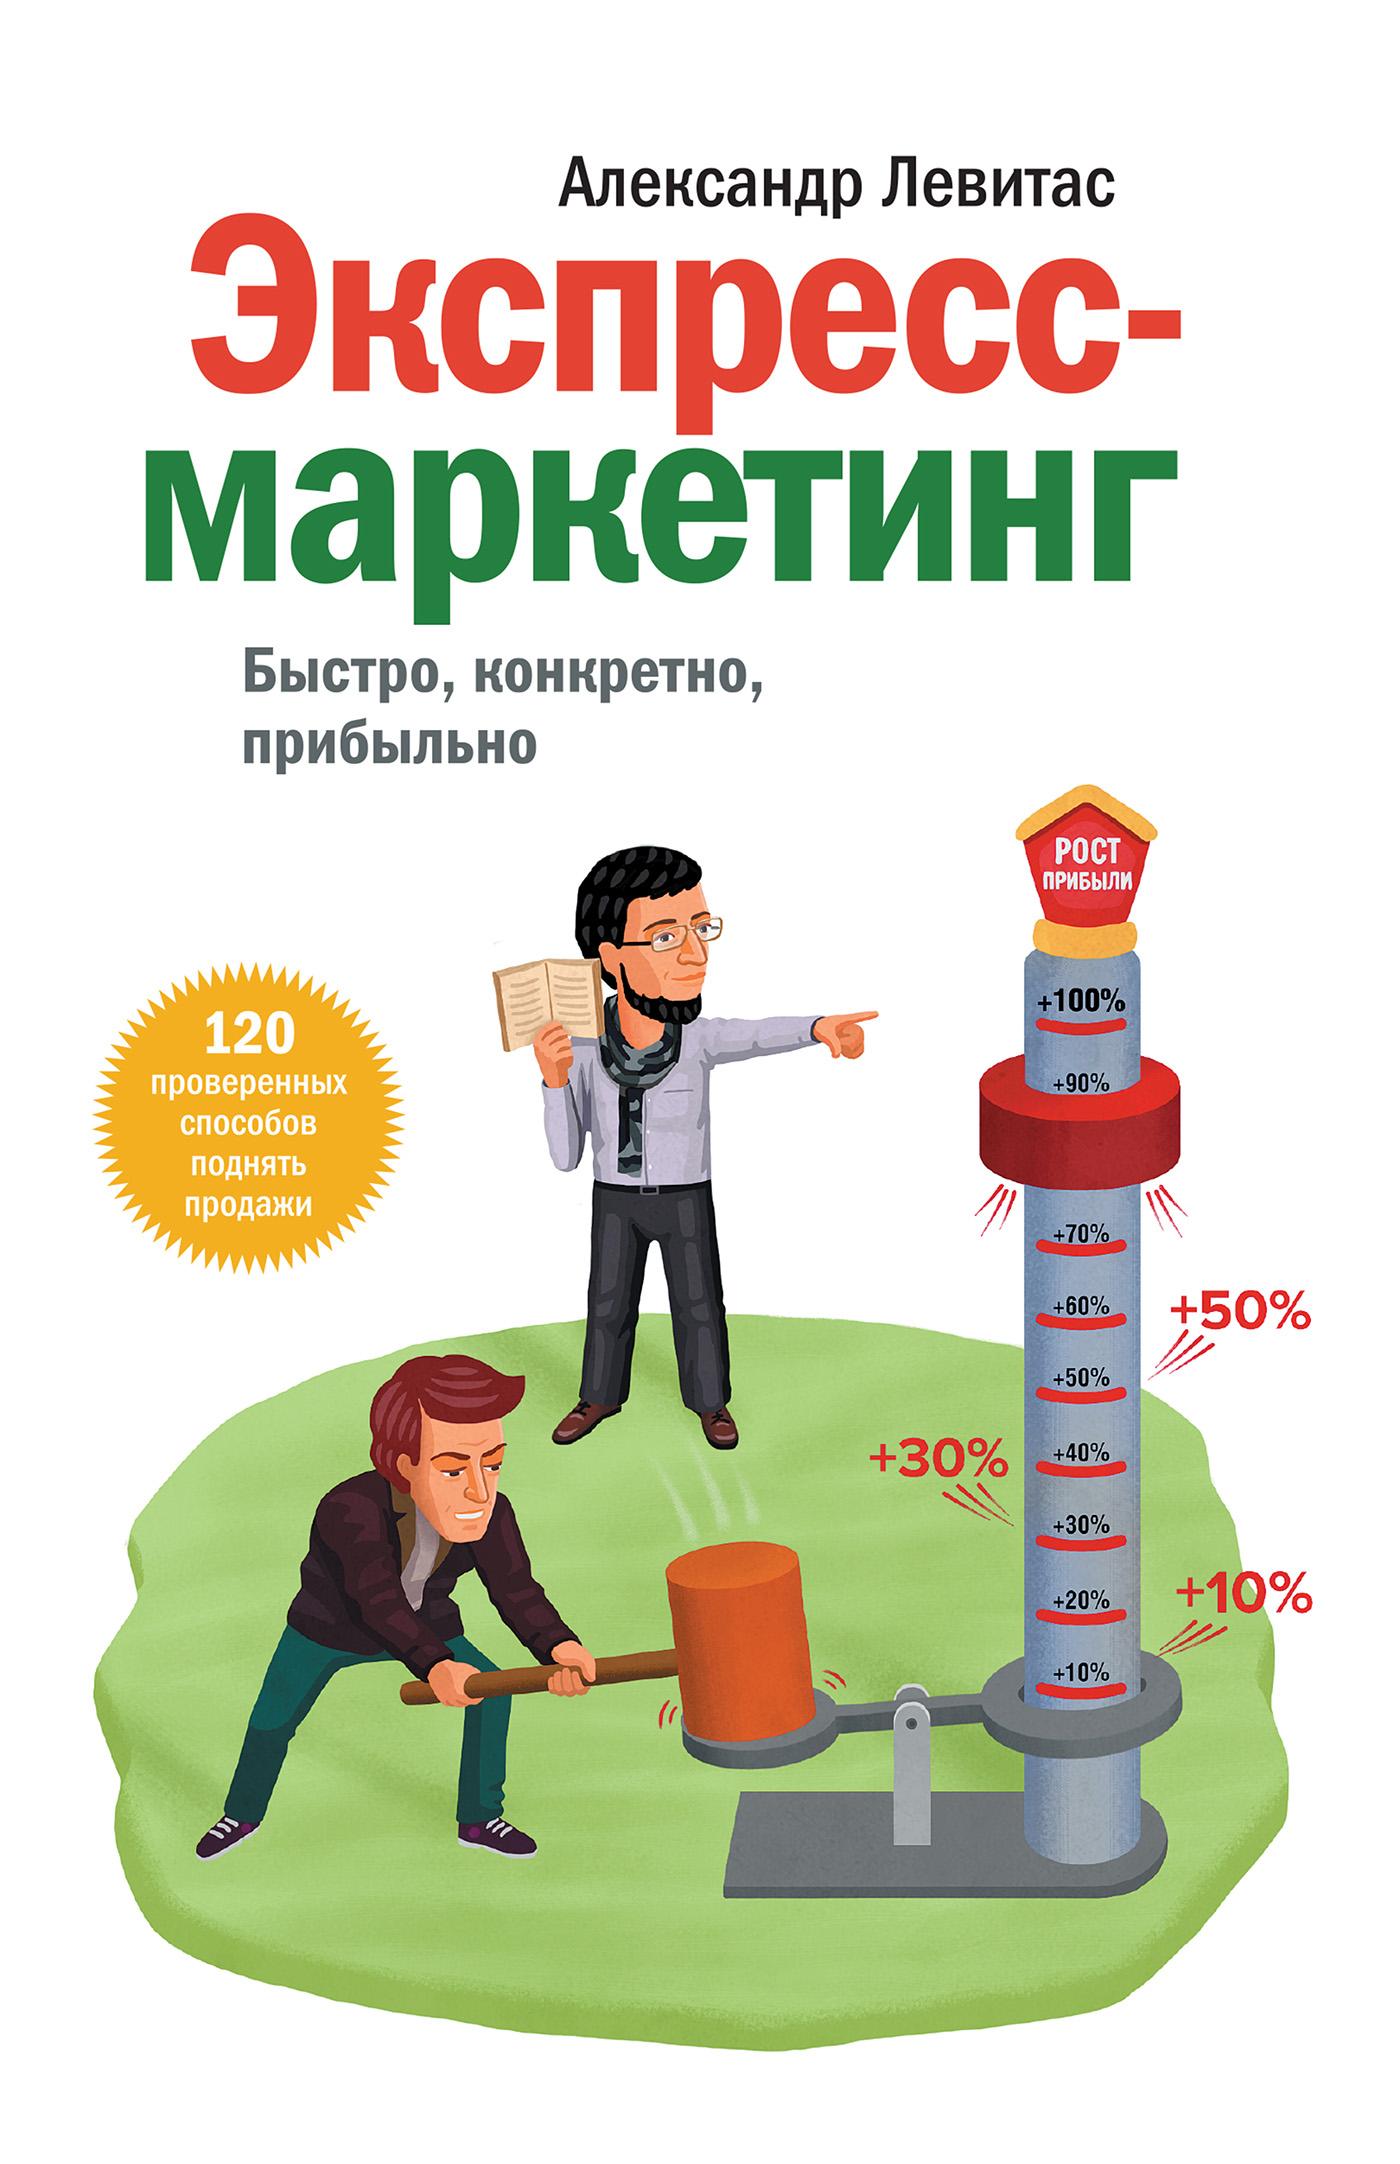 Александр Левитас Экспресс-маркетинг. Быстро, конкретно, прибыльно игорь манн согласовано как повысить доходы компании подружив продажи и маркетинг